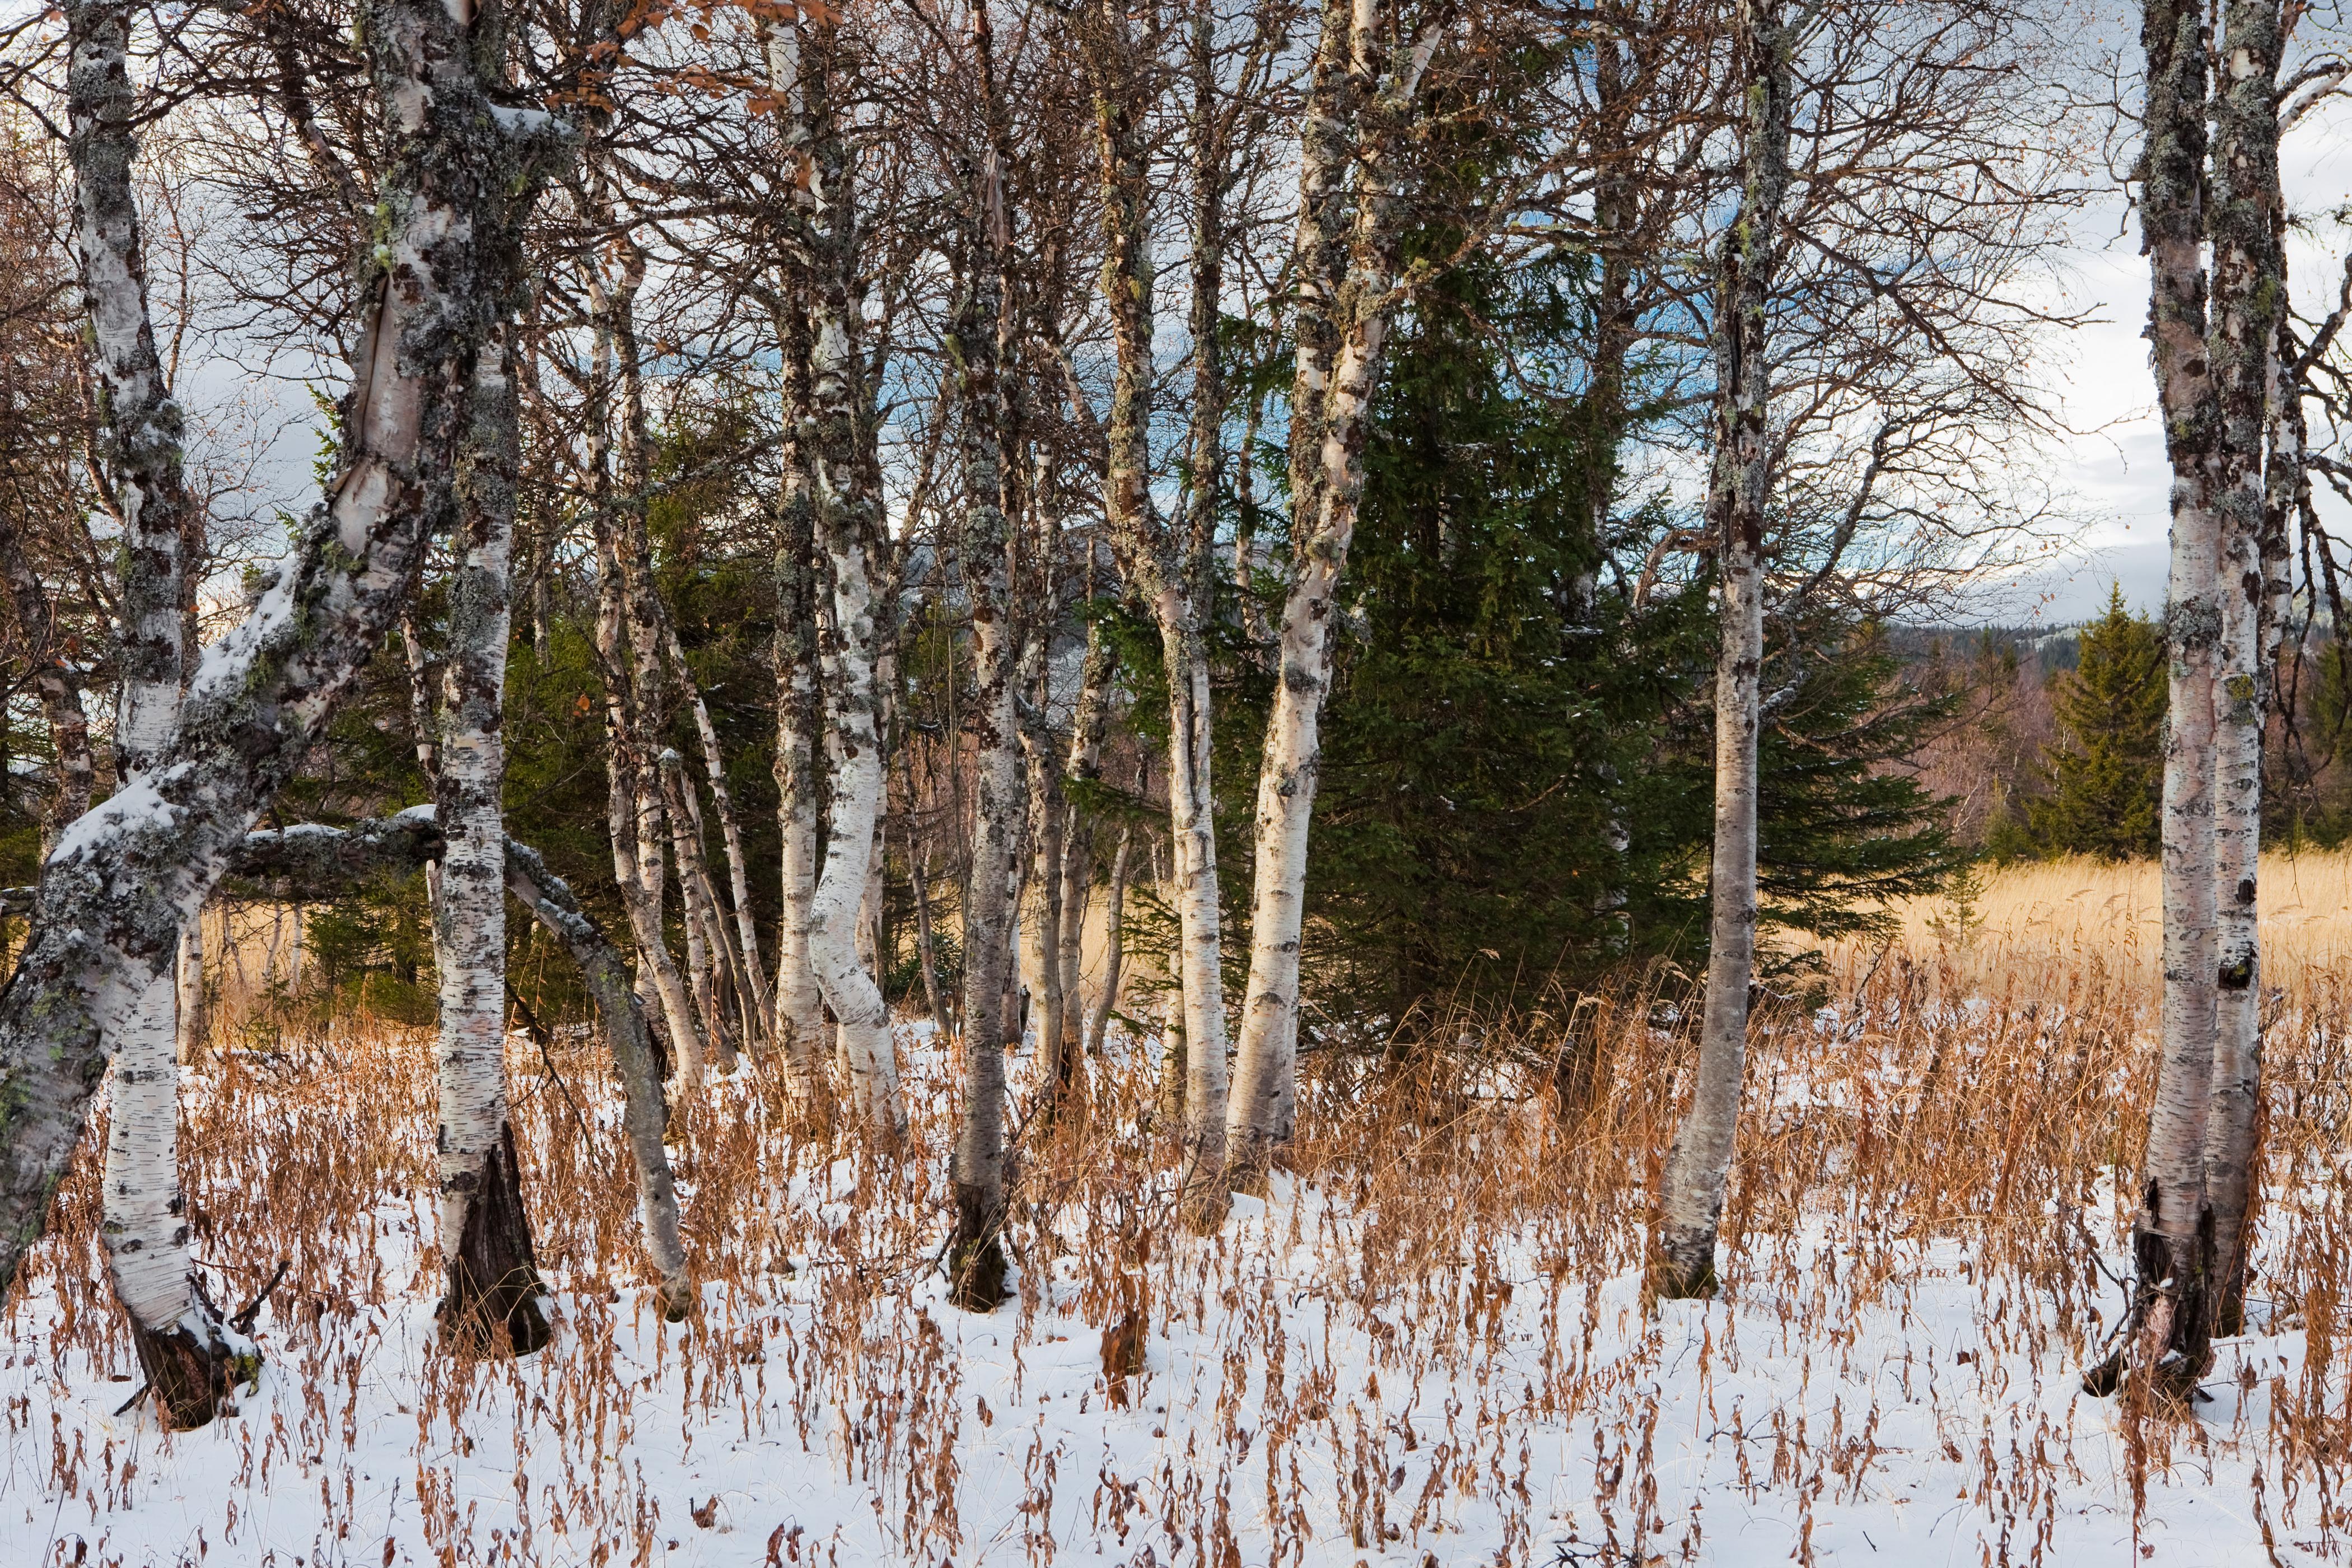 Winter trees photo